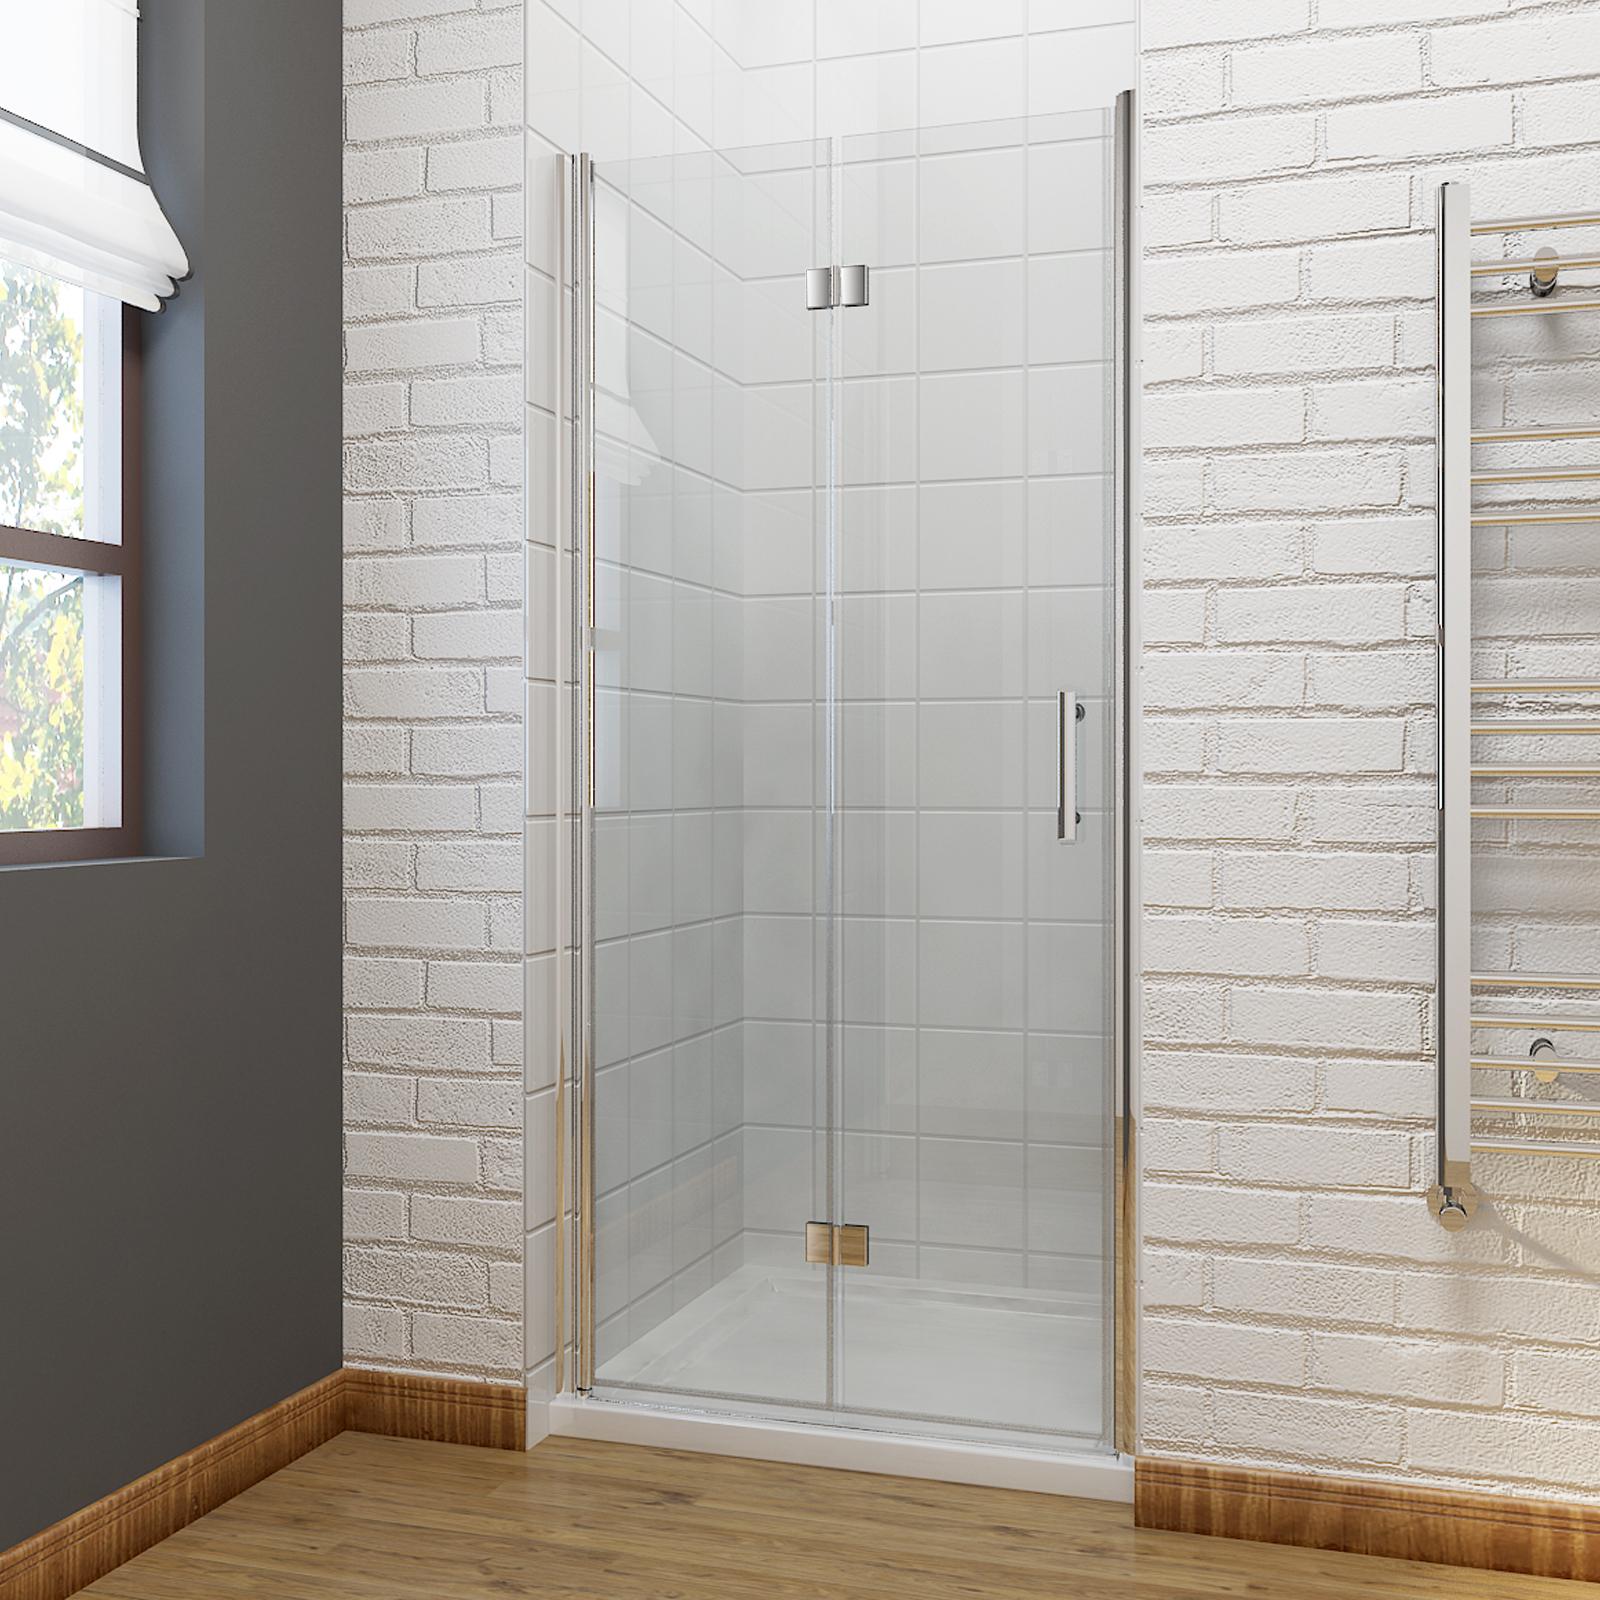 Frameless Bifold Shower Door Enclosure Hinge Door Glass Screen Walk for dimensions 1600 X 1600